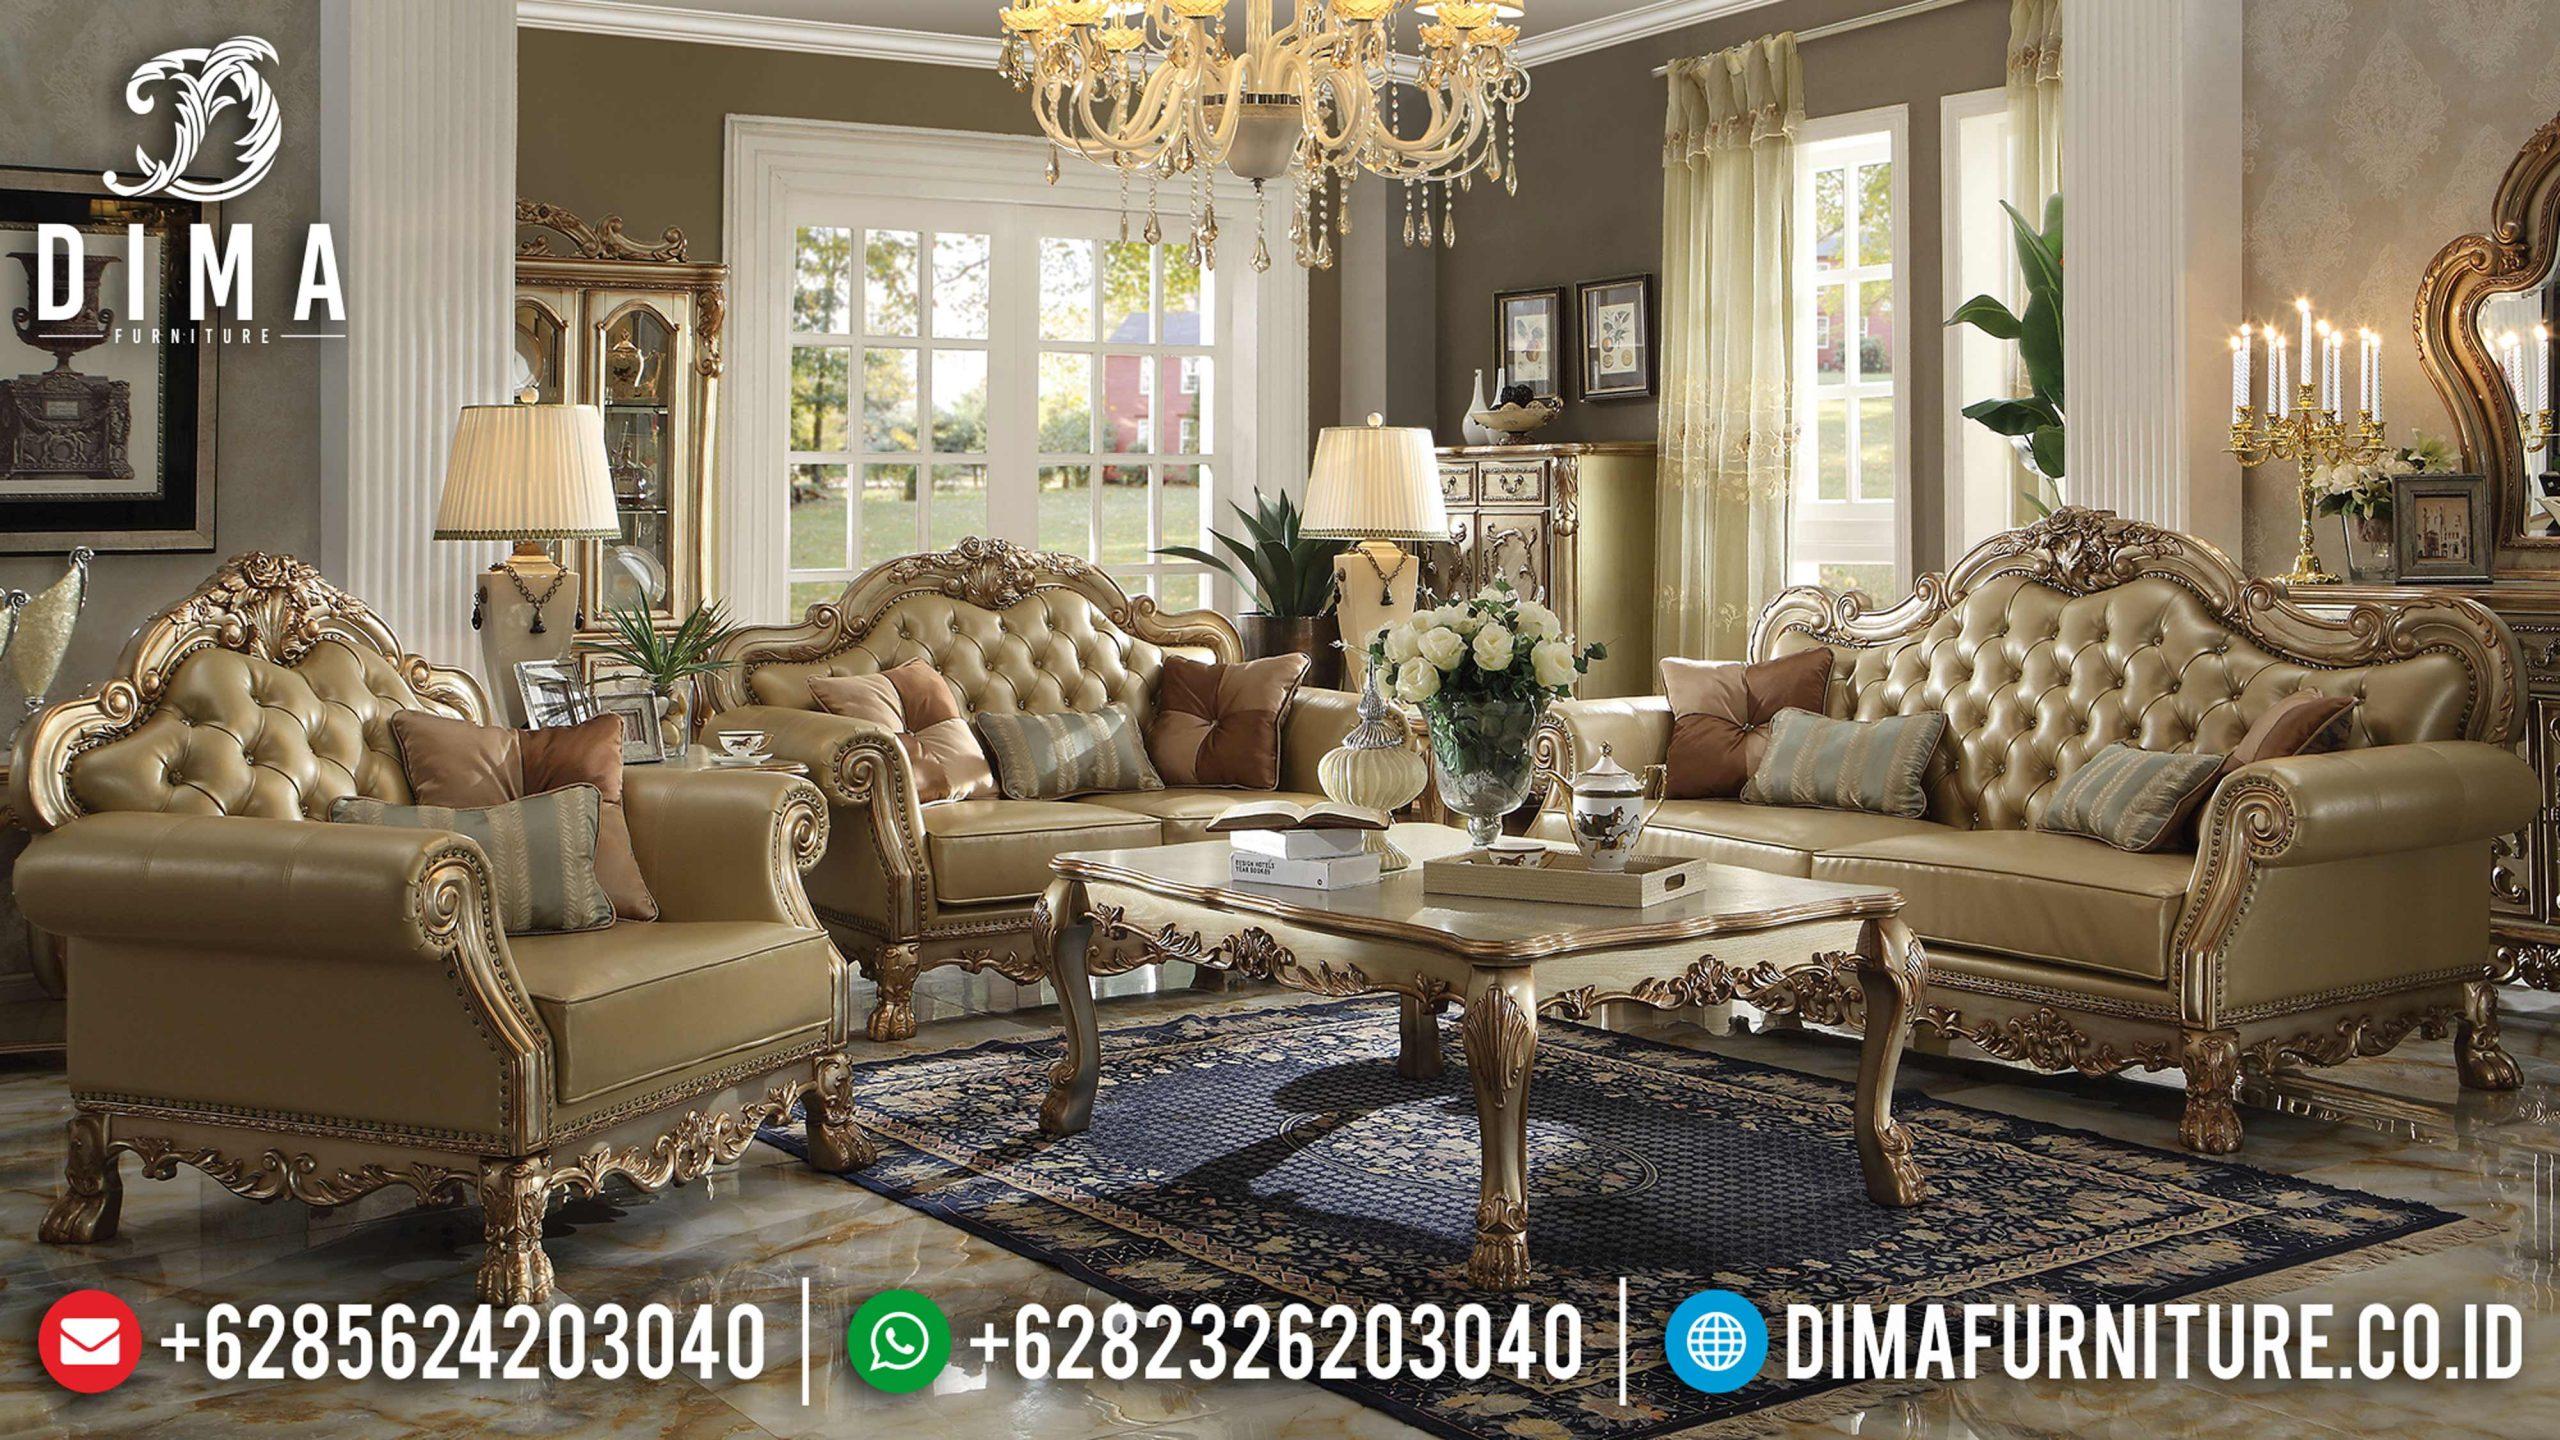 Sofa Tamu Mewah Jepara, Set Kursi Sofa Jepara Terbaru, Kursi Tamu Jati Mewah MM-0261